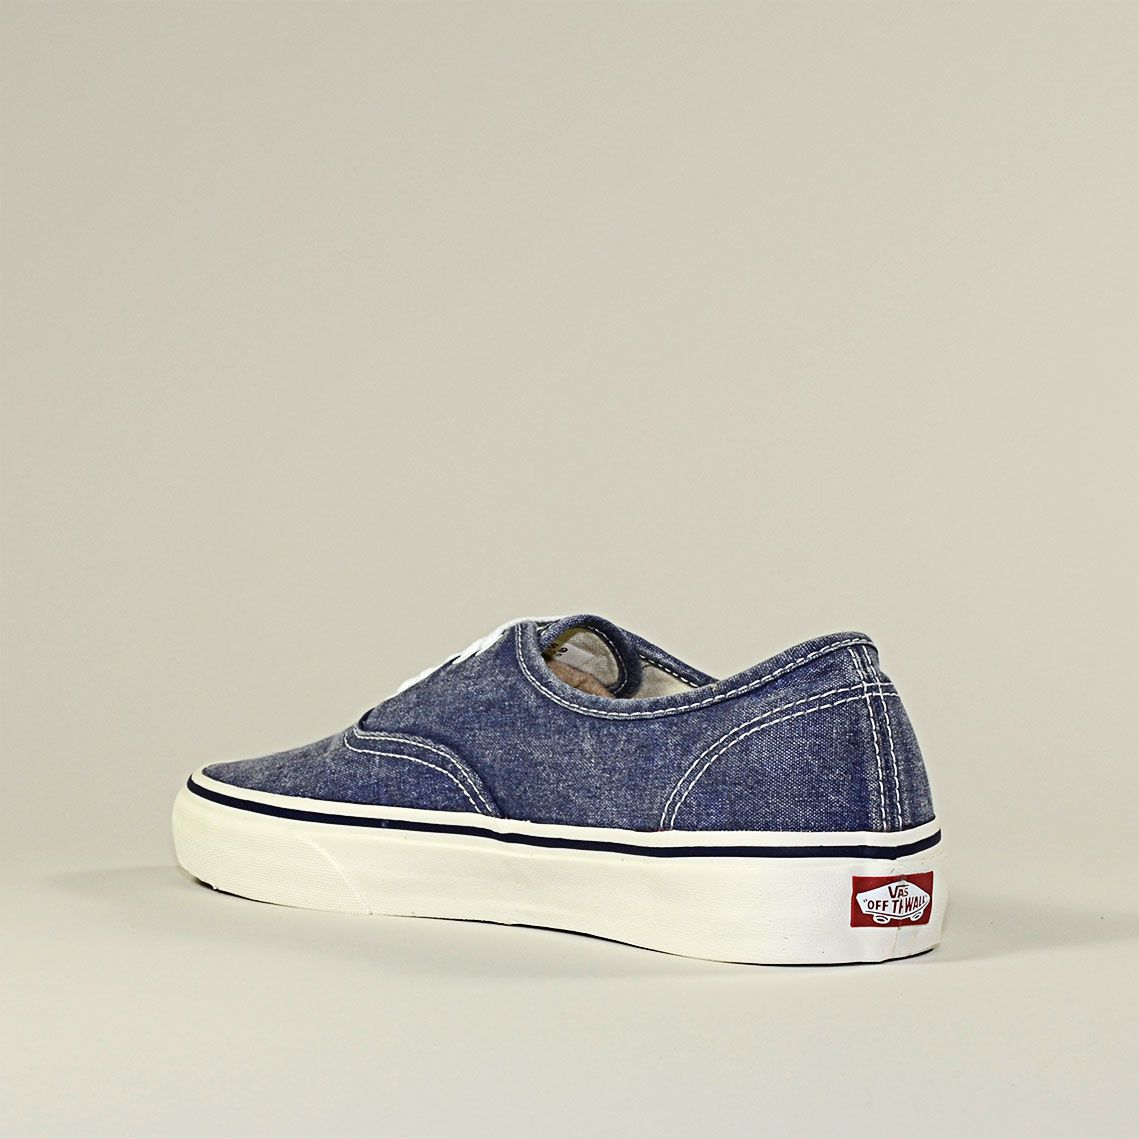 VANS Authentic Bleu is a great product | Vans, Vans authentic ...